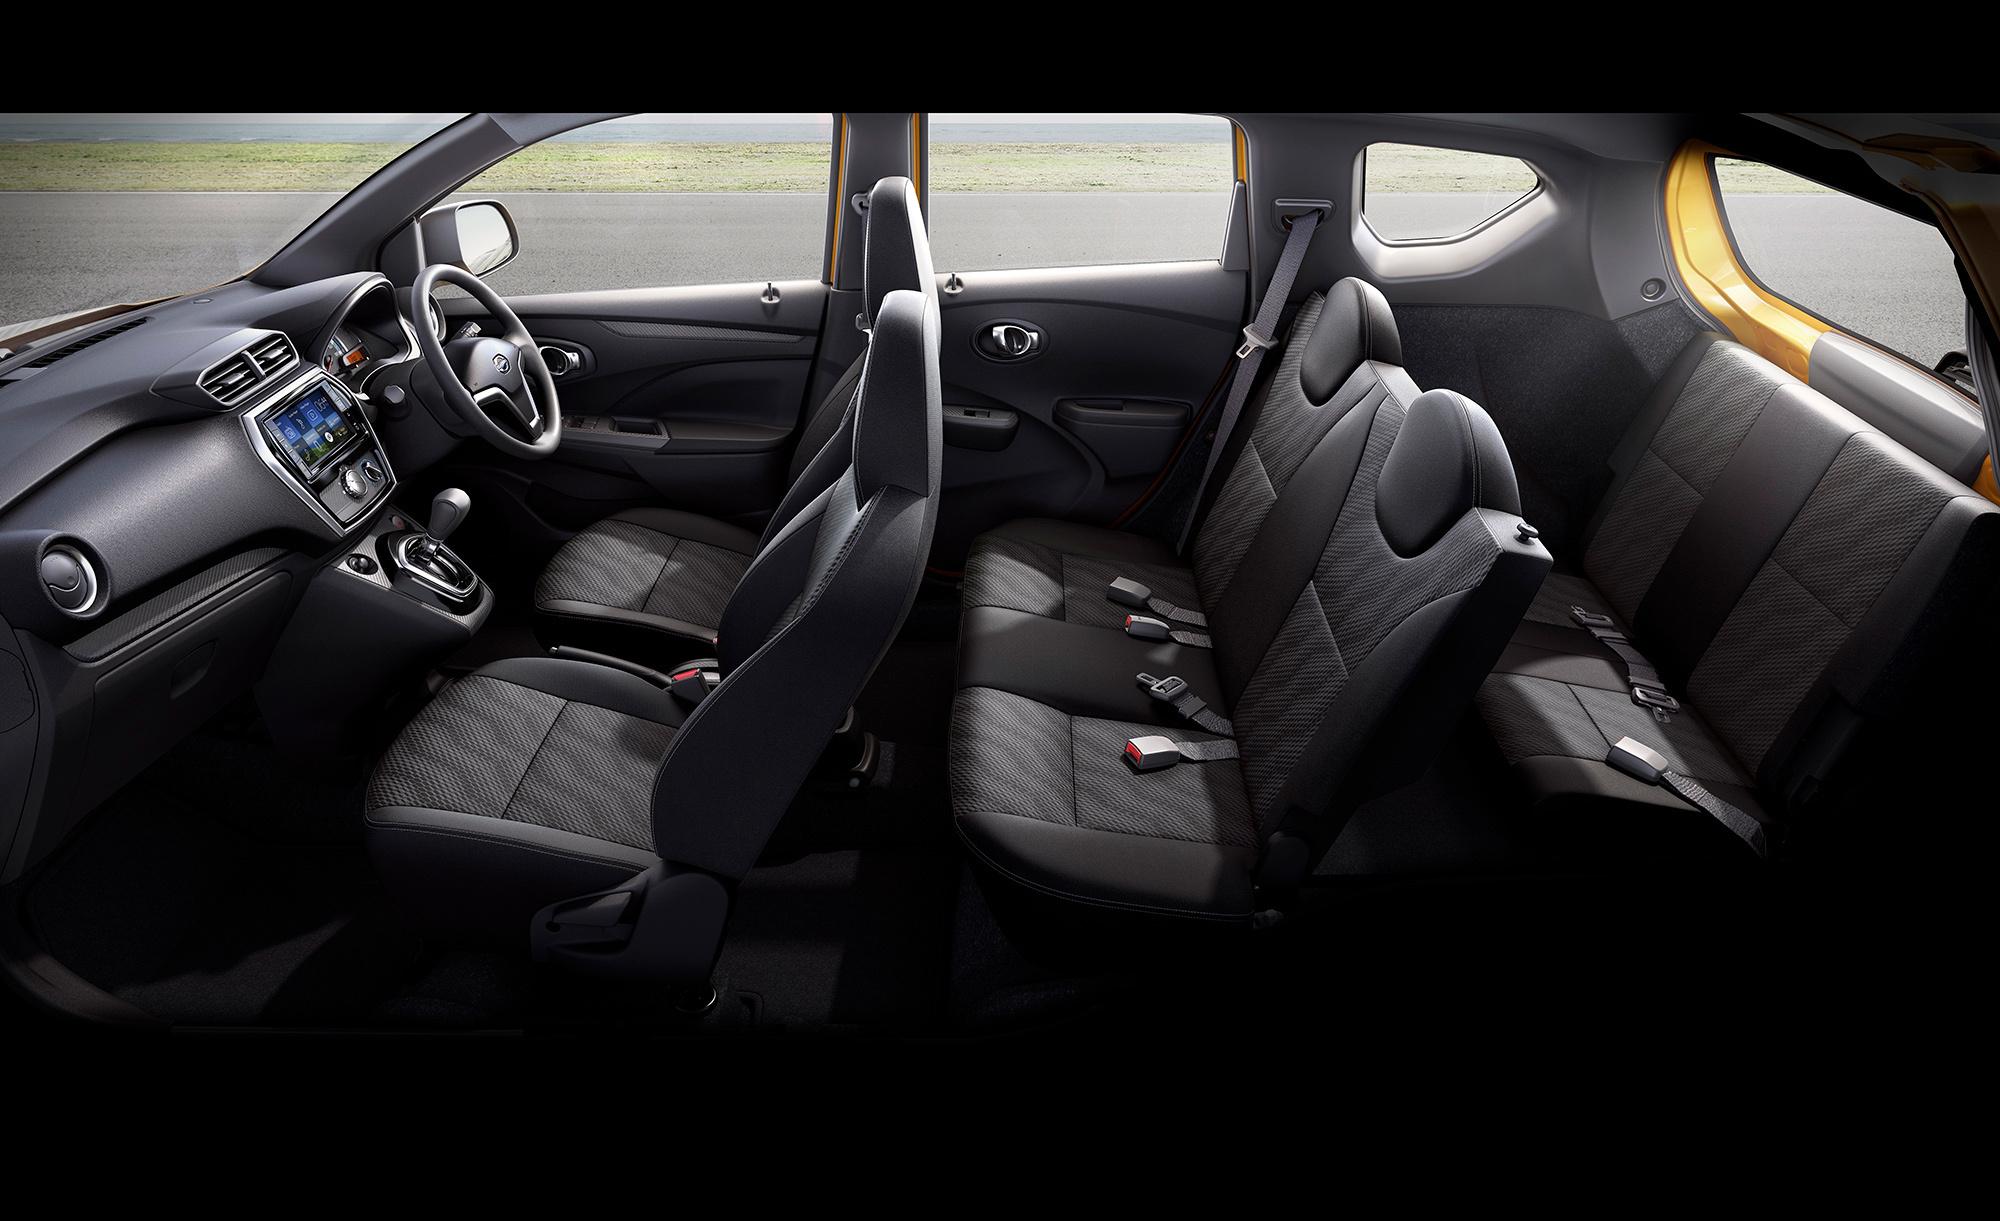 Datsun представила свой первый кроссовер